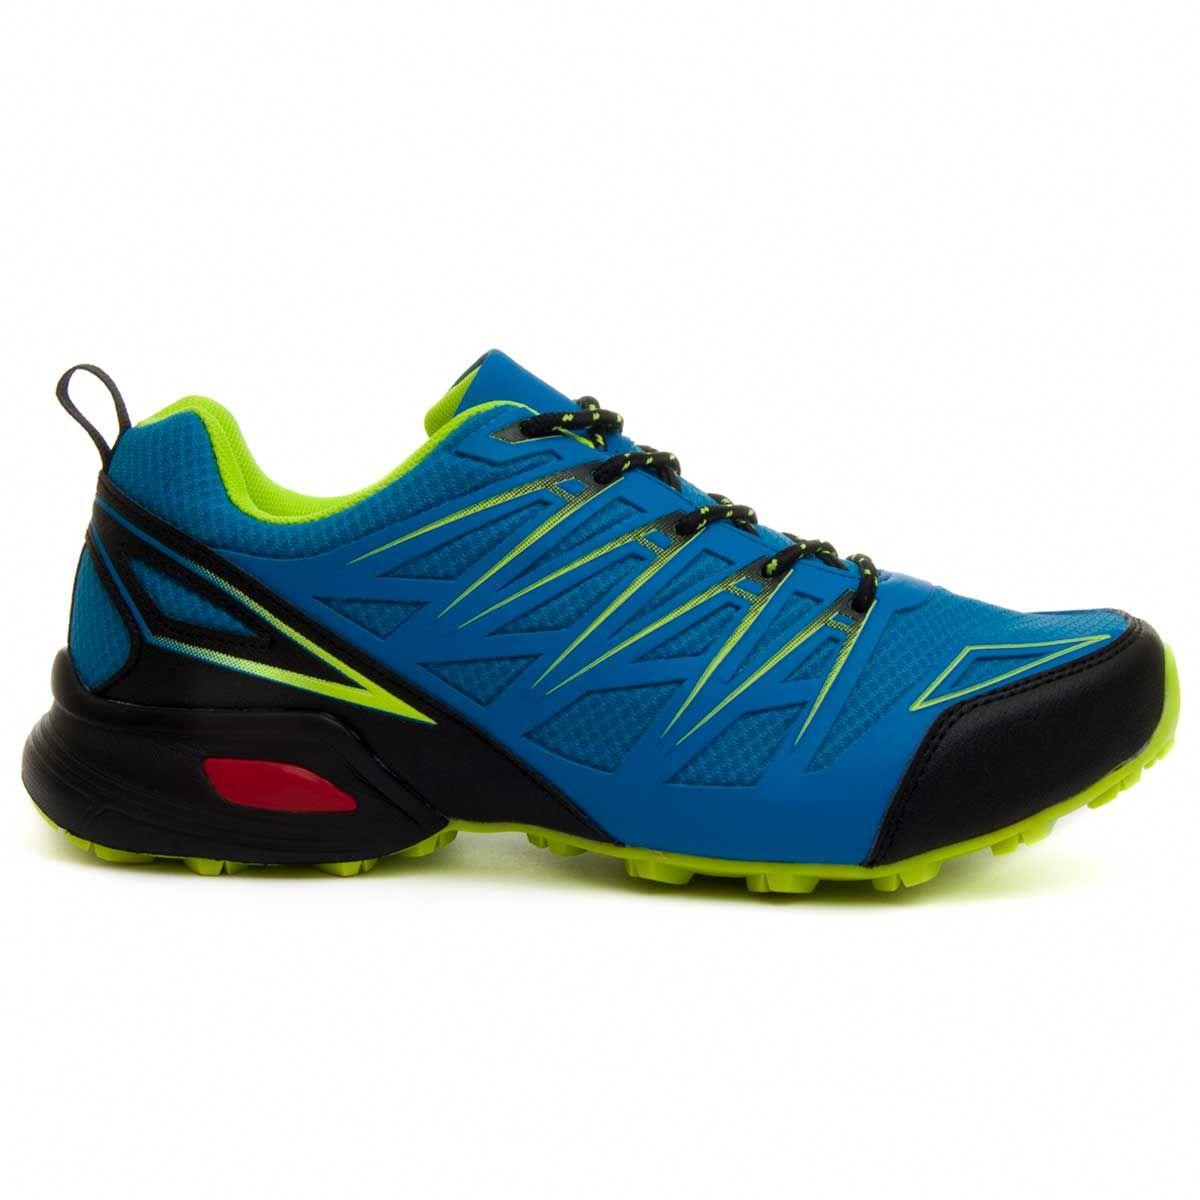 Montevita Sporty Sneaker in Blue